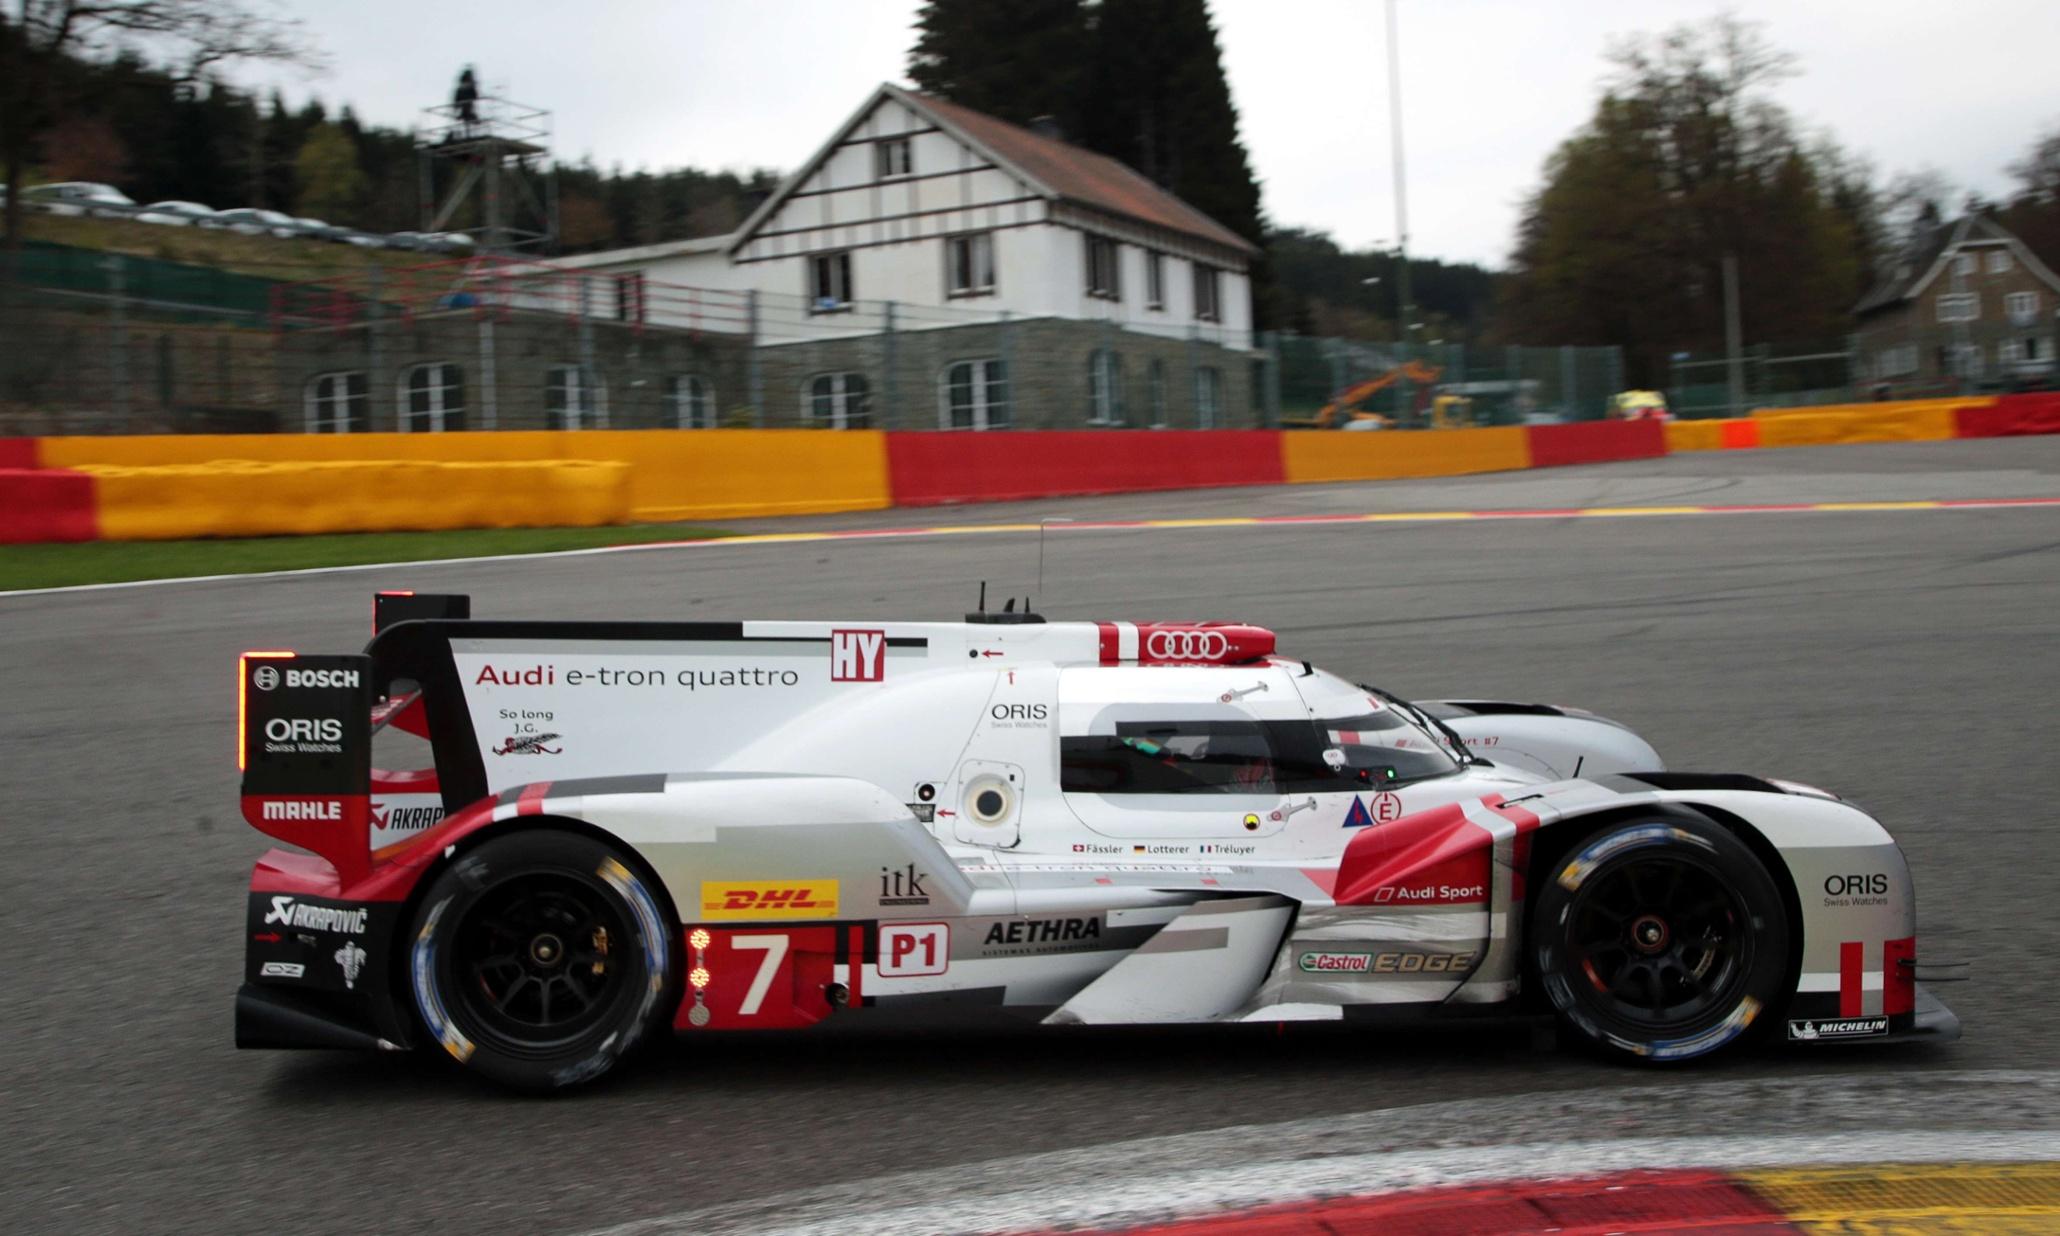 Audi Win Over Porsche At Spa The Perfect Precursor To Le